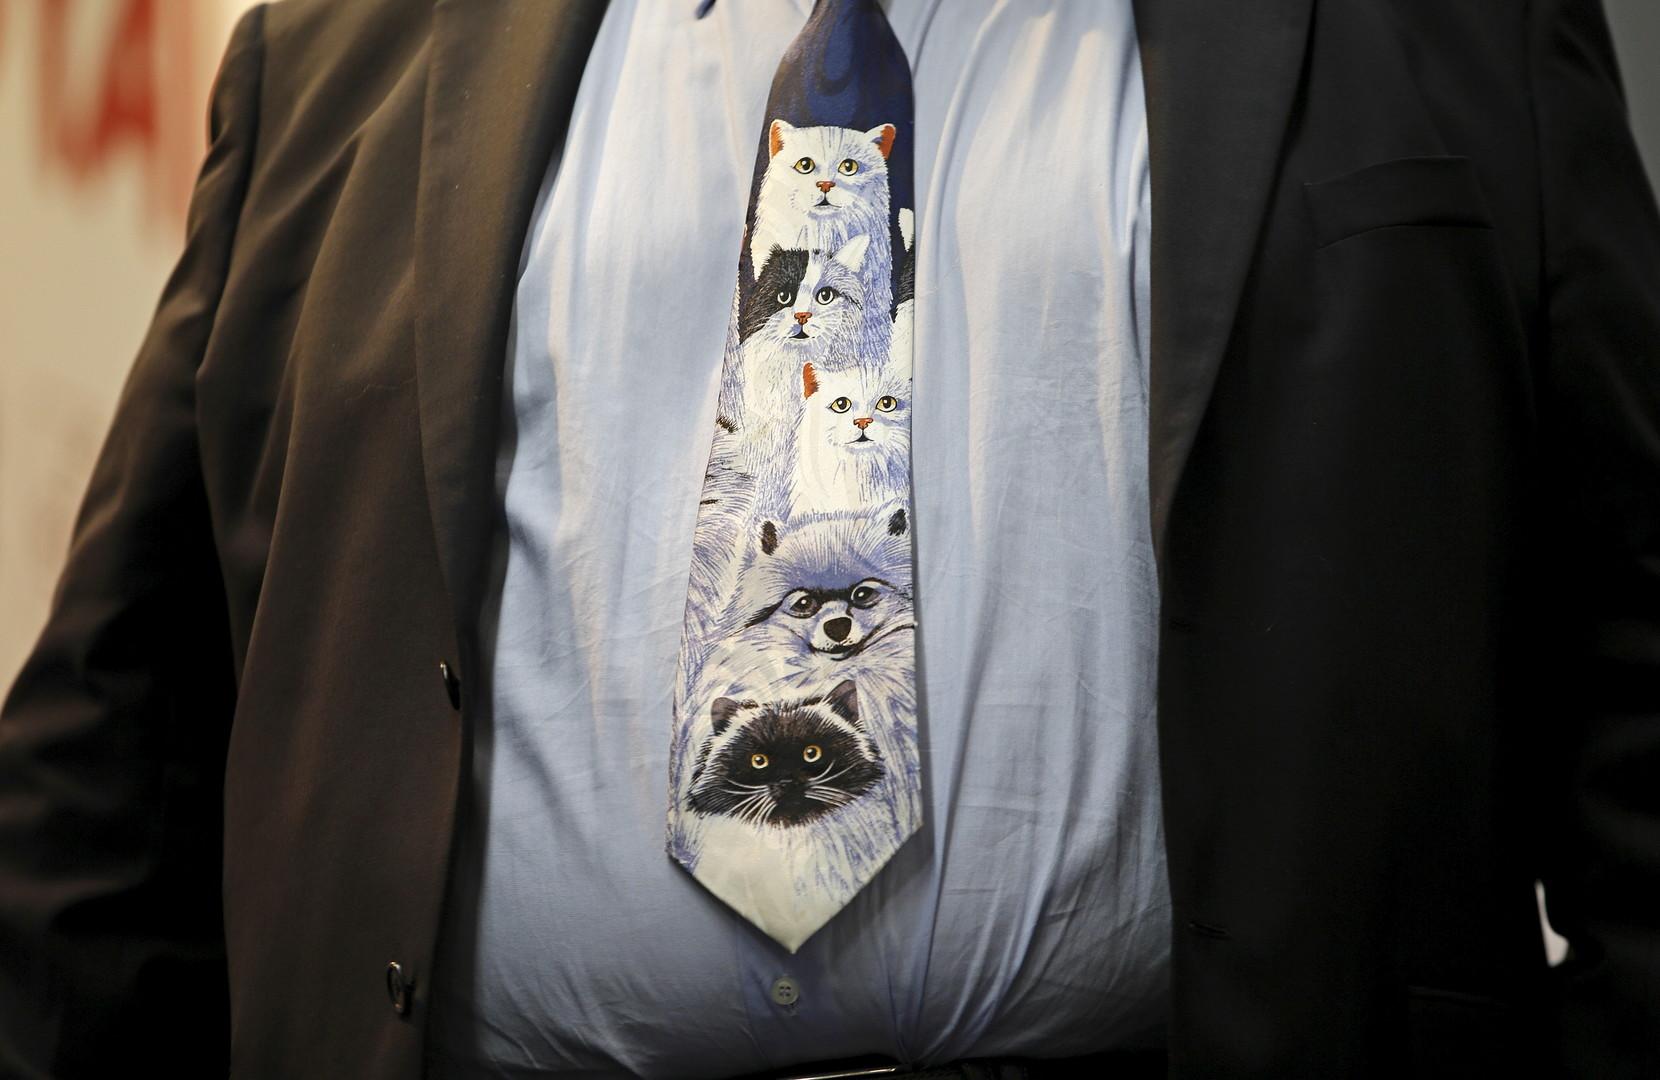 С петлёй на шее... и без: о сложных взаимоотношениях галстуков с политиками